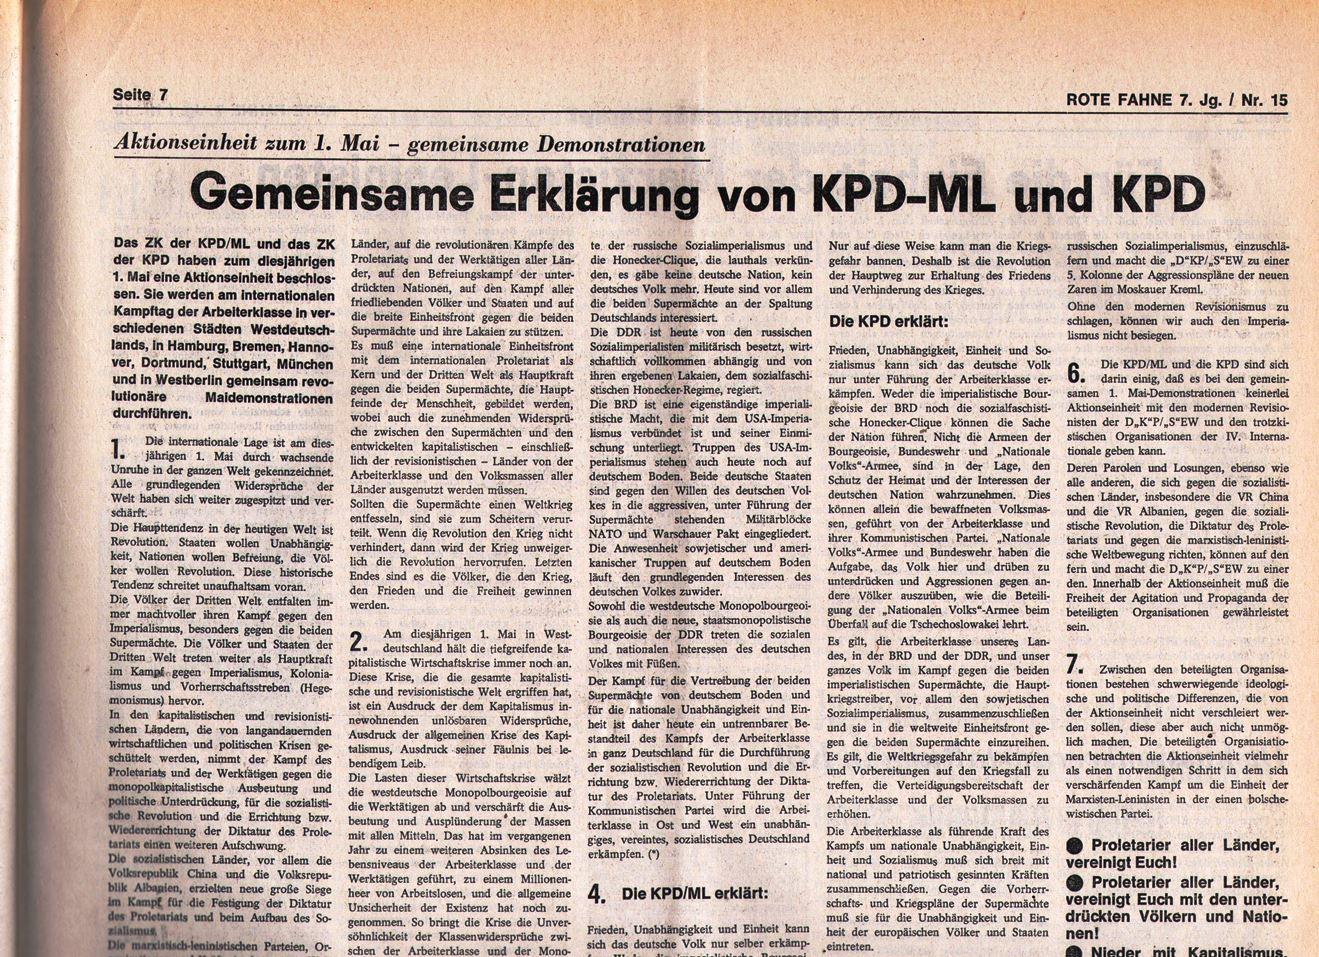 KPD_Rote_Fahne_1976_15_13